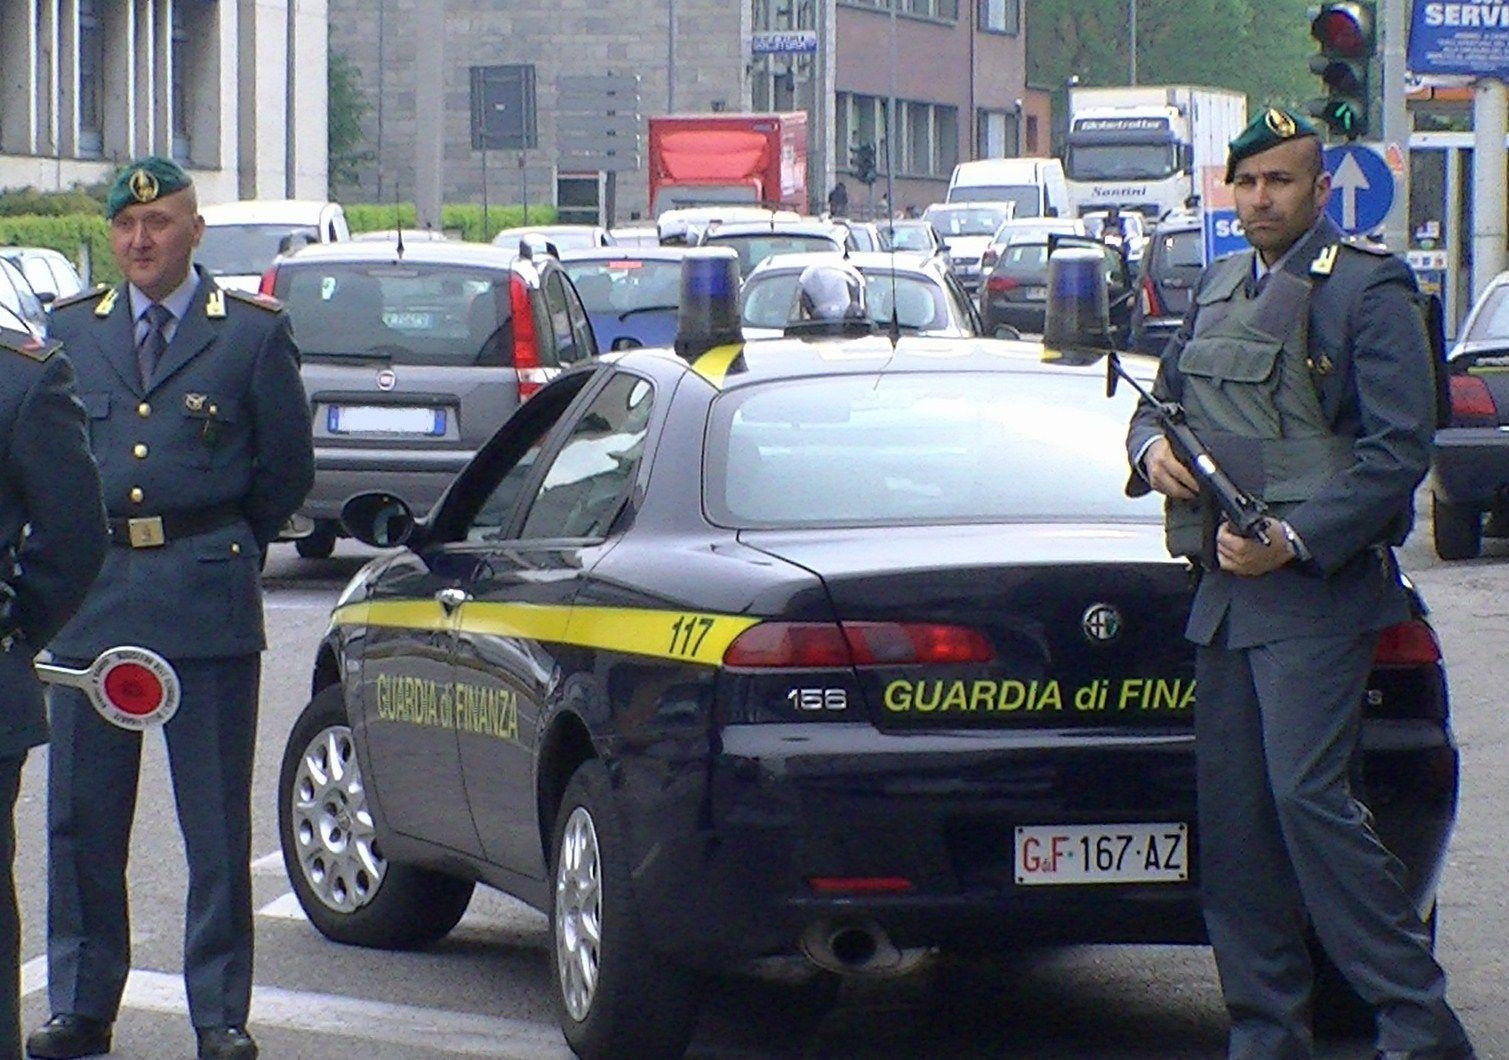 SAN MAURIZIO CANAVESE - Fatture false per sette milioni di euro: un arresto della guardia di finanza